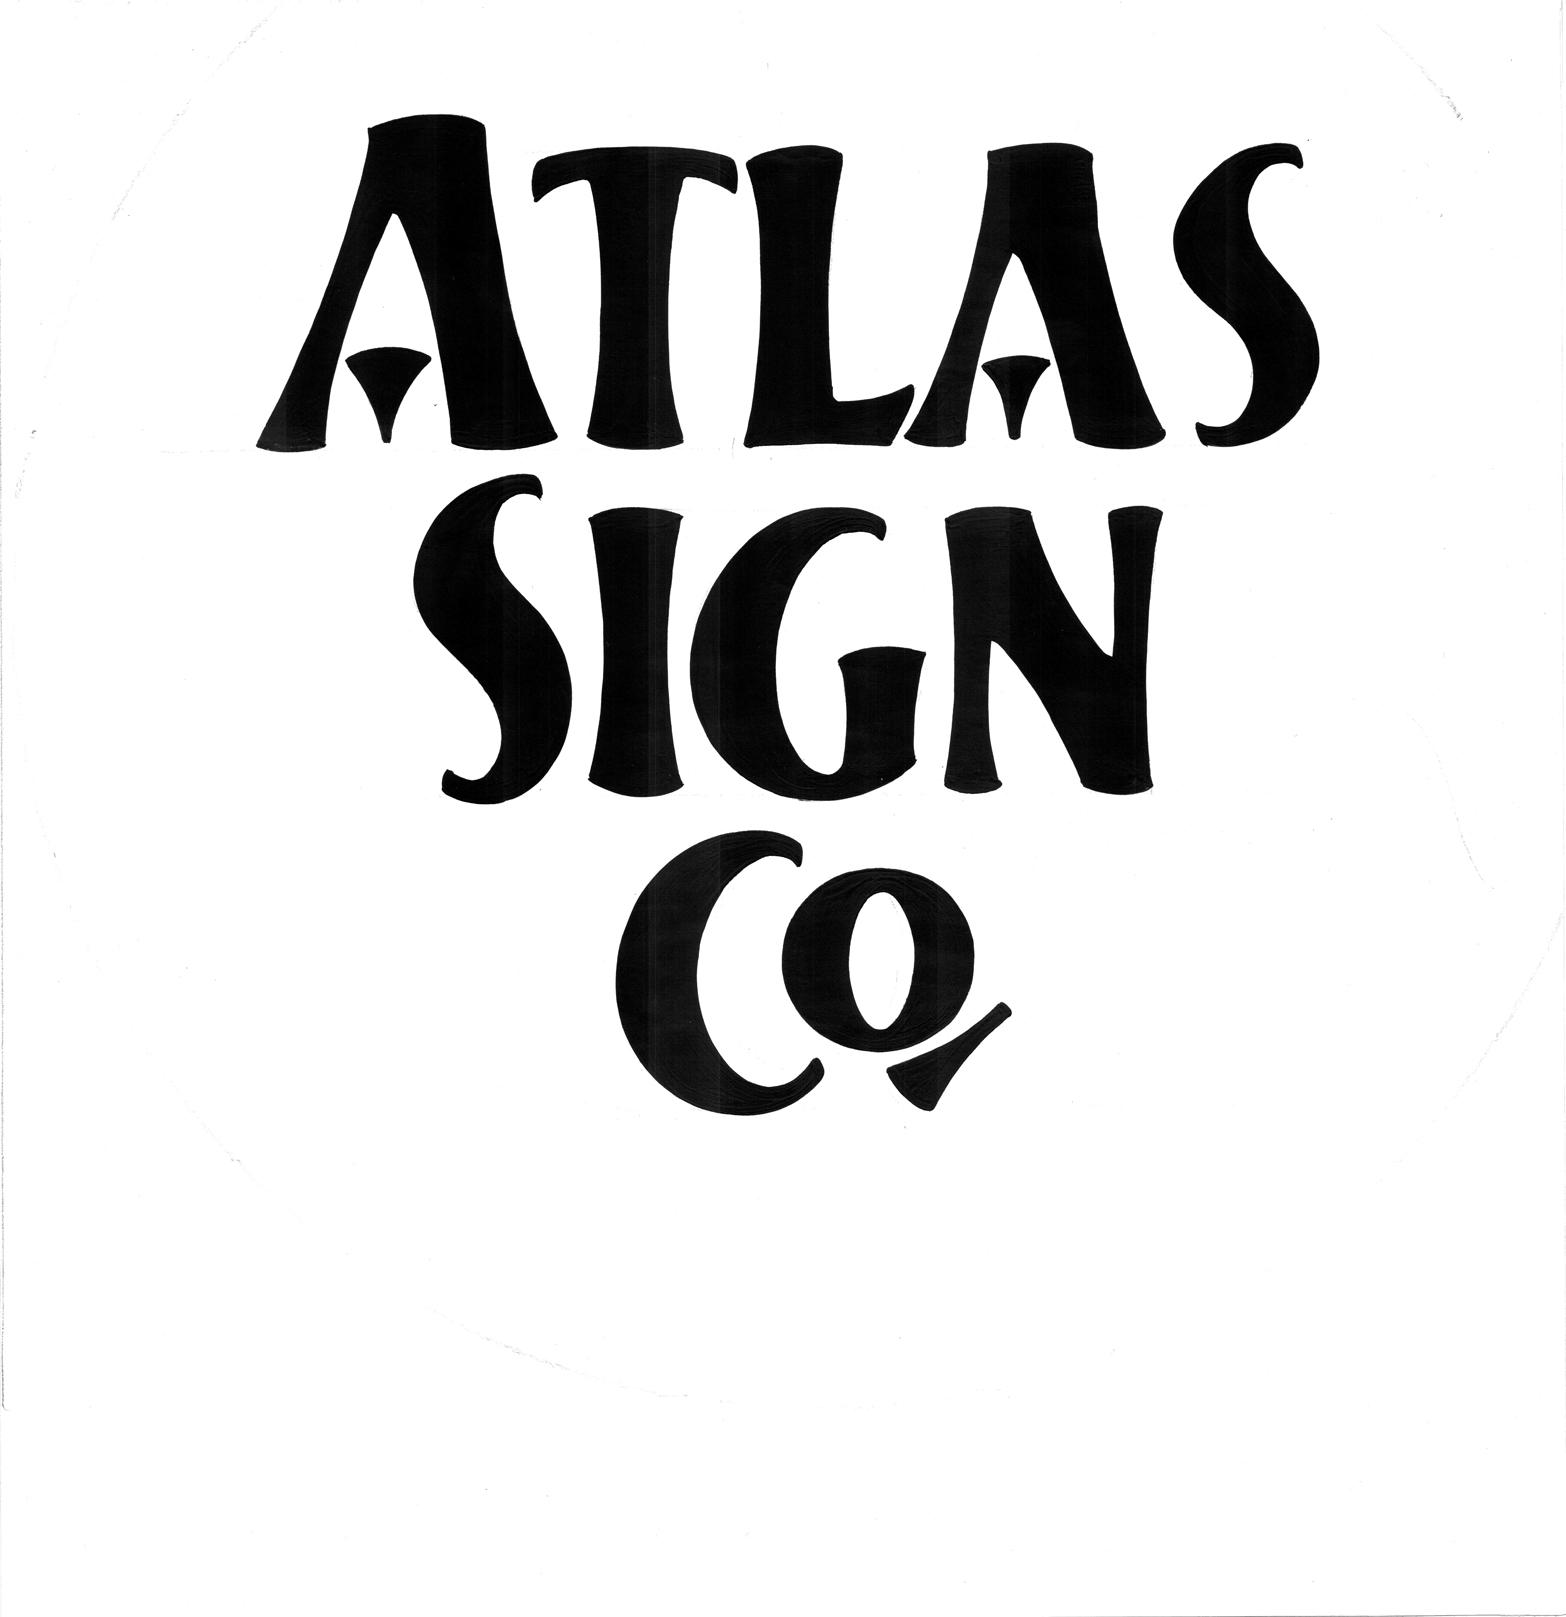 AtlasLogo.jpg